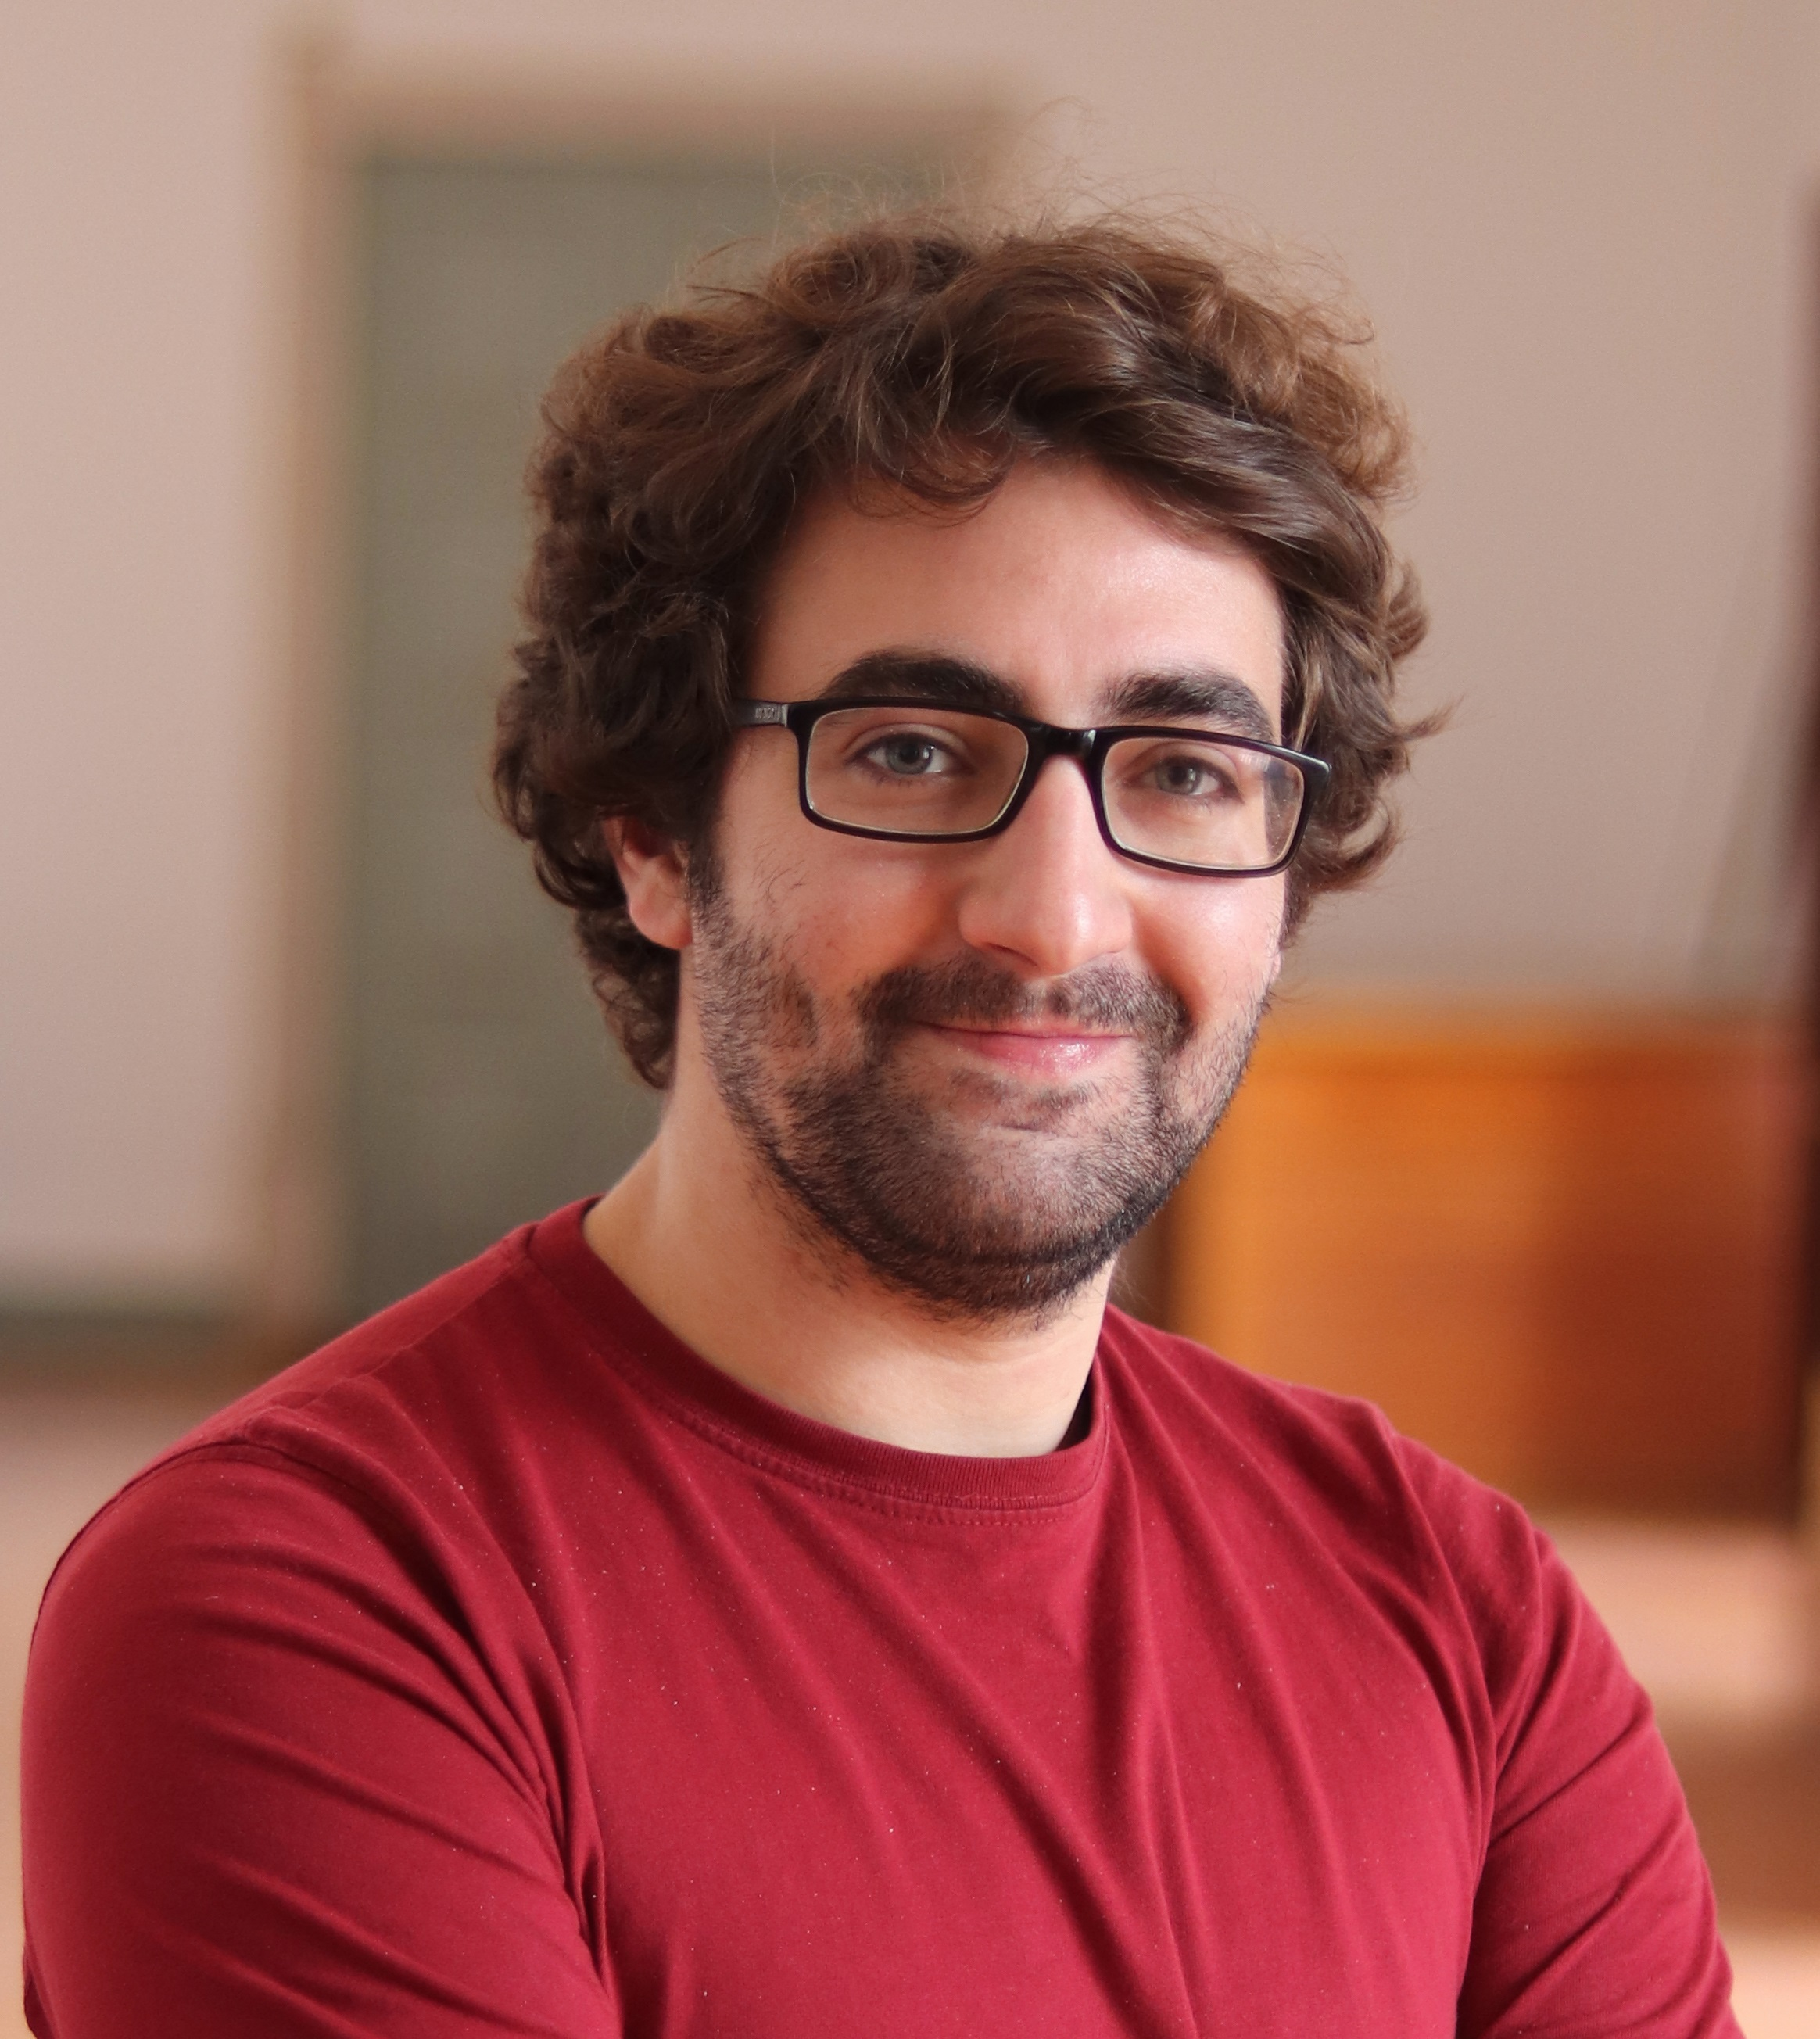 António José Preto